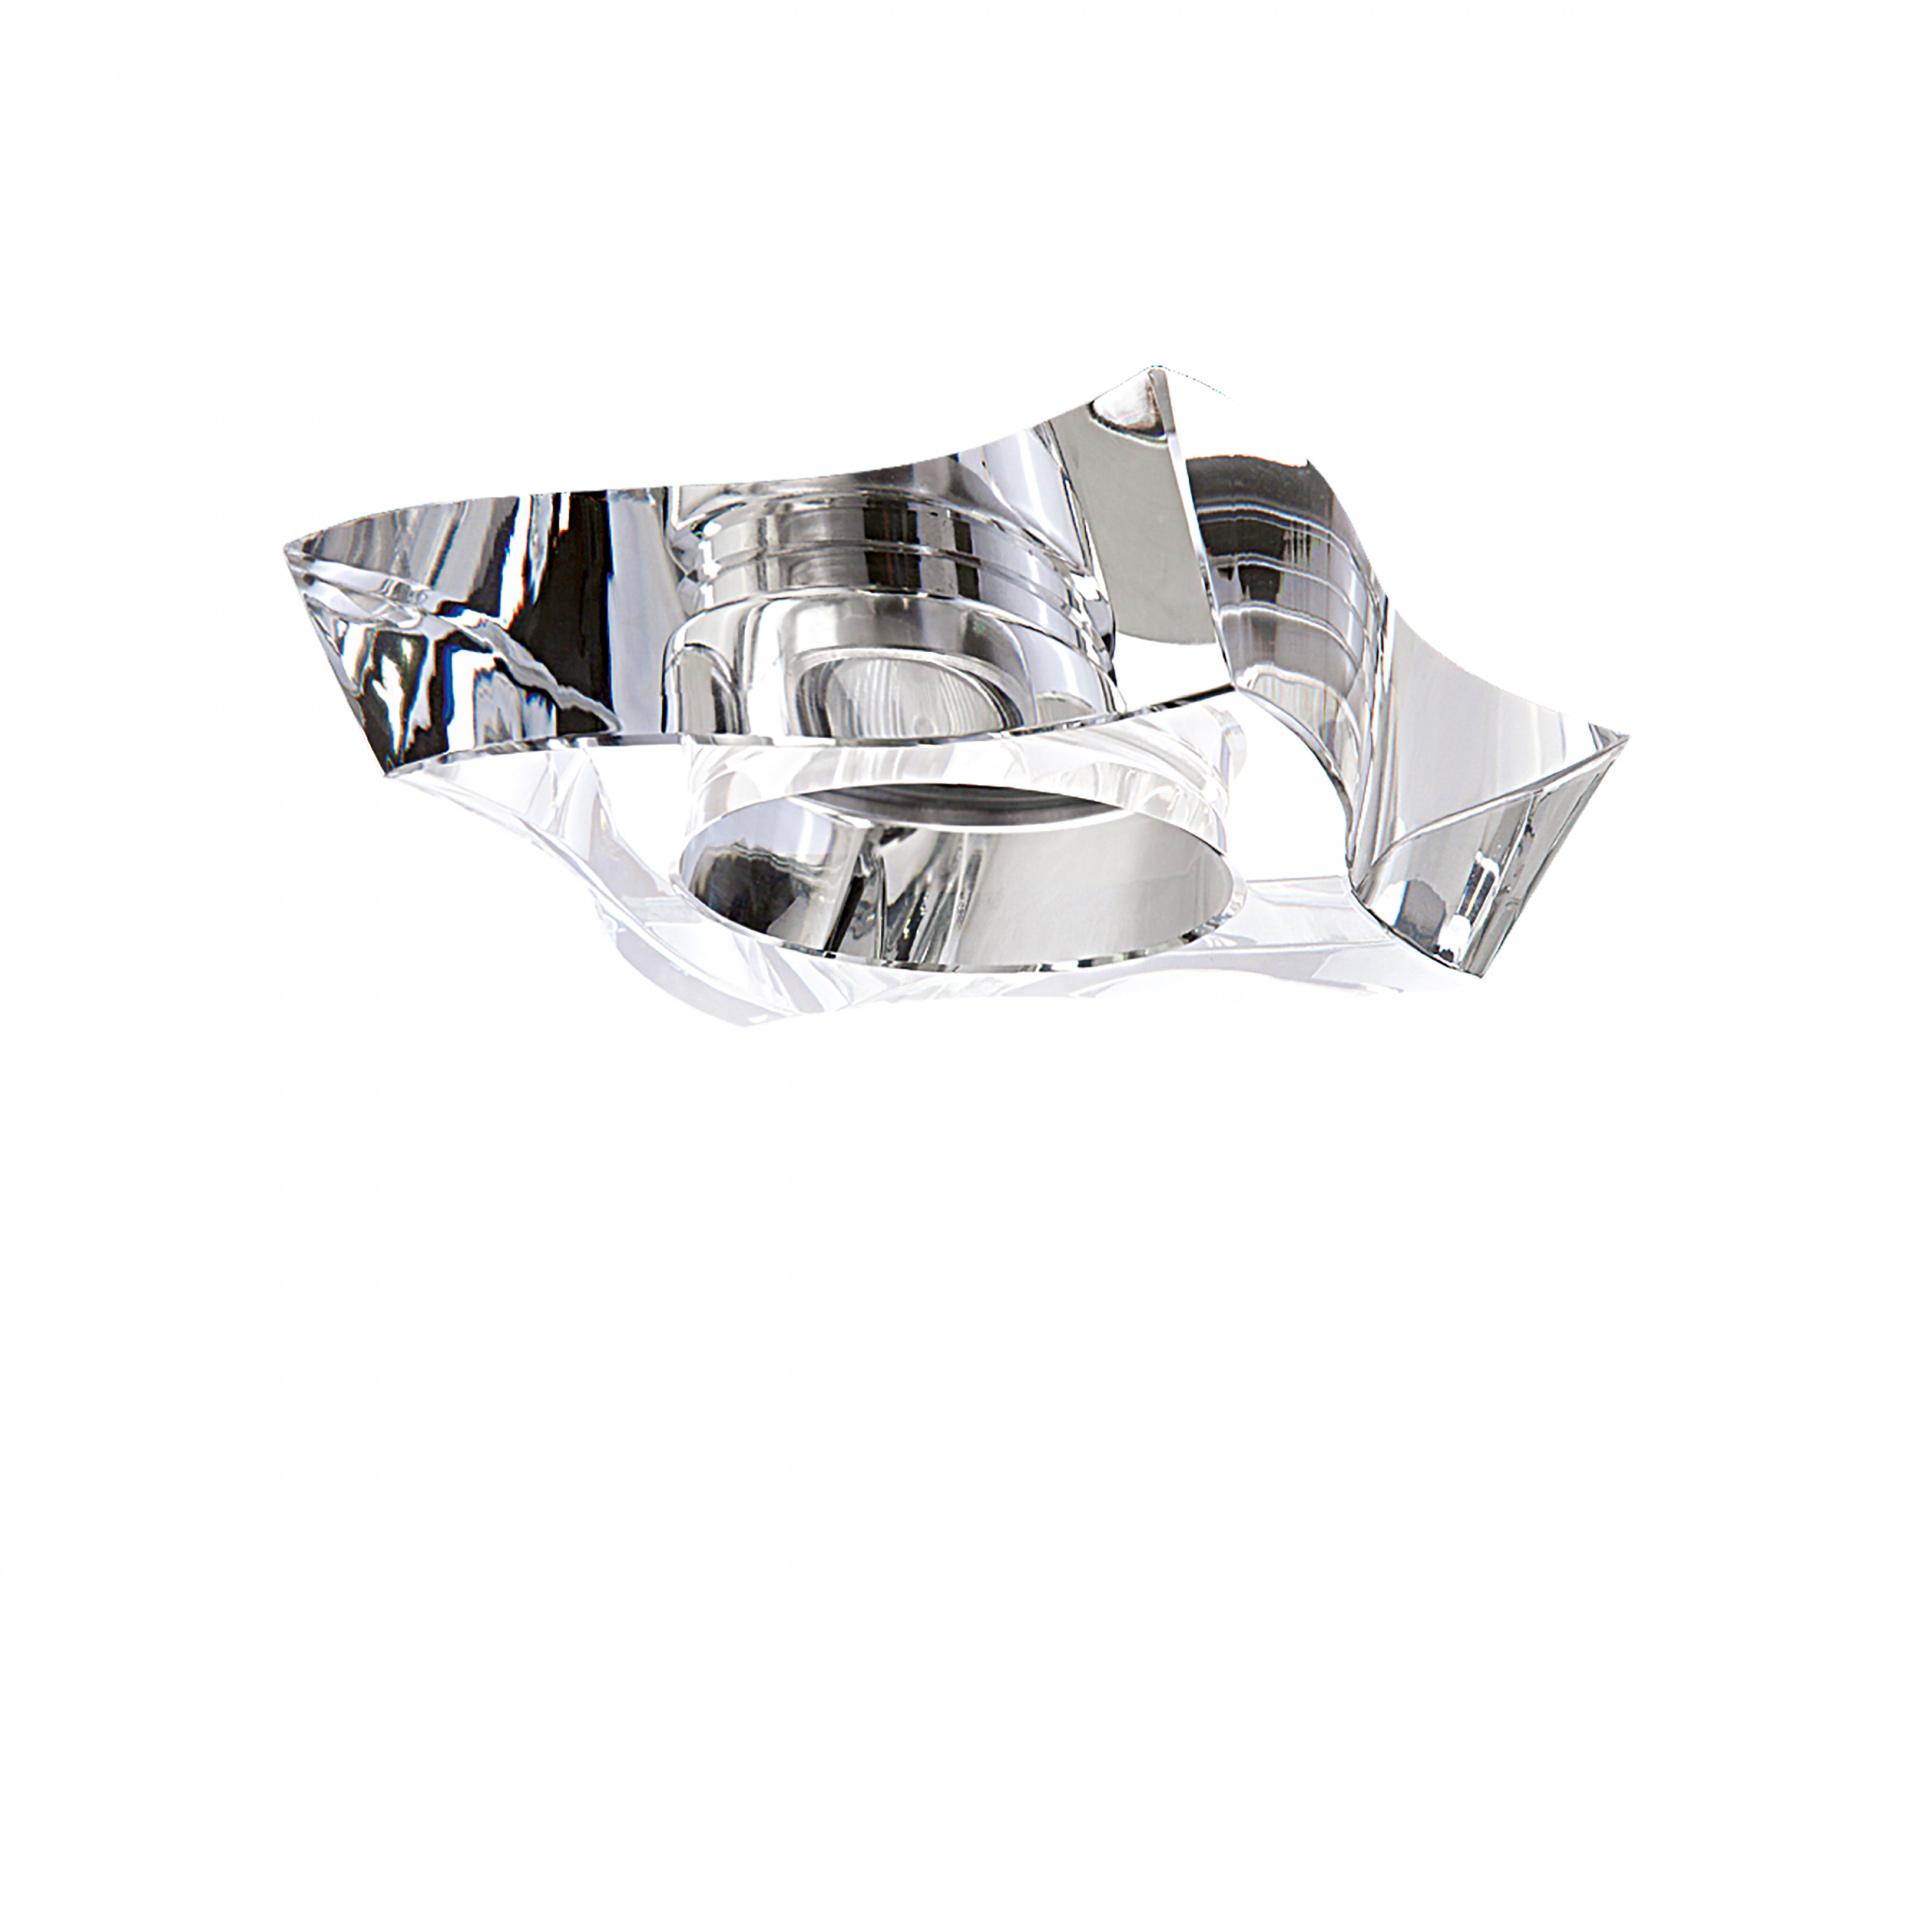 Светильник Flutto MR16 / HP16 хром / прозрачный Lightstar 006430, купить в СПб, Москве, с доставкой, Санкт-Петербург, интернет-магазин люстр и светильников Starlight, фото в жизни